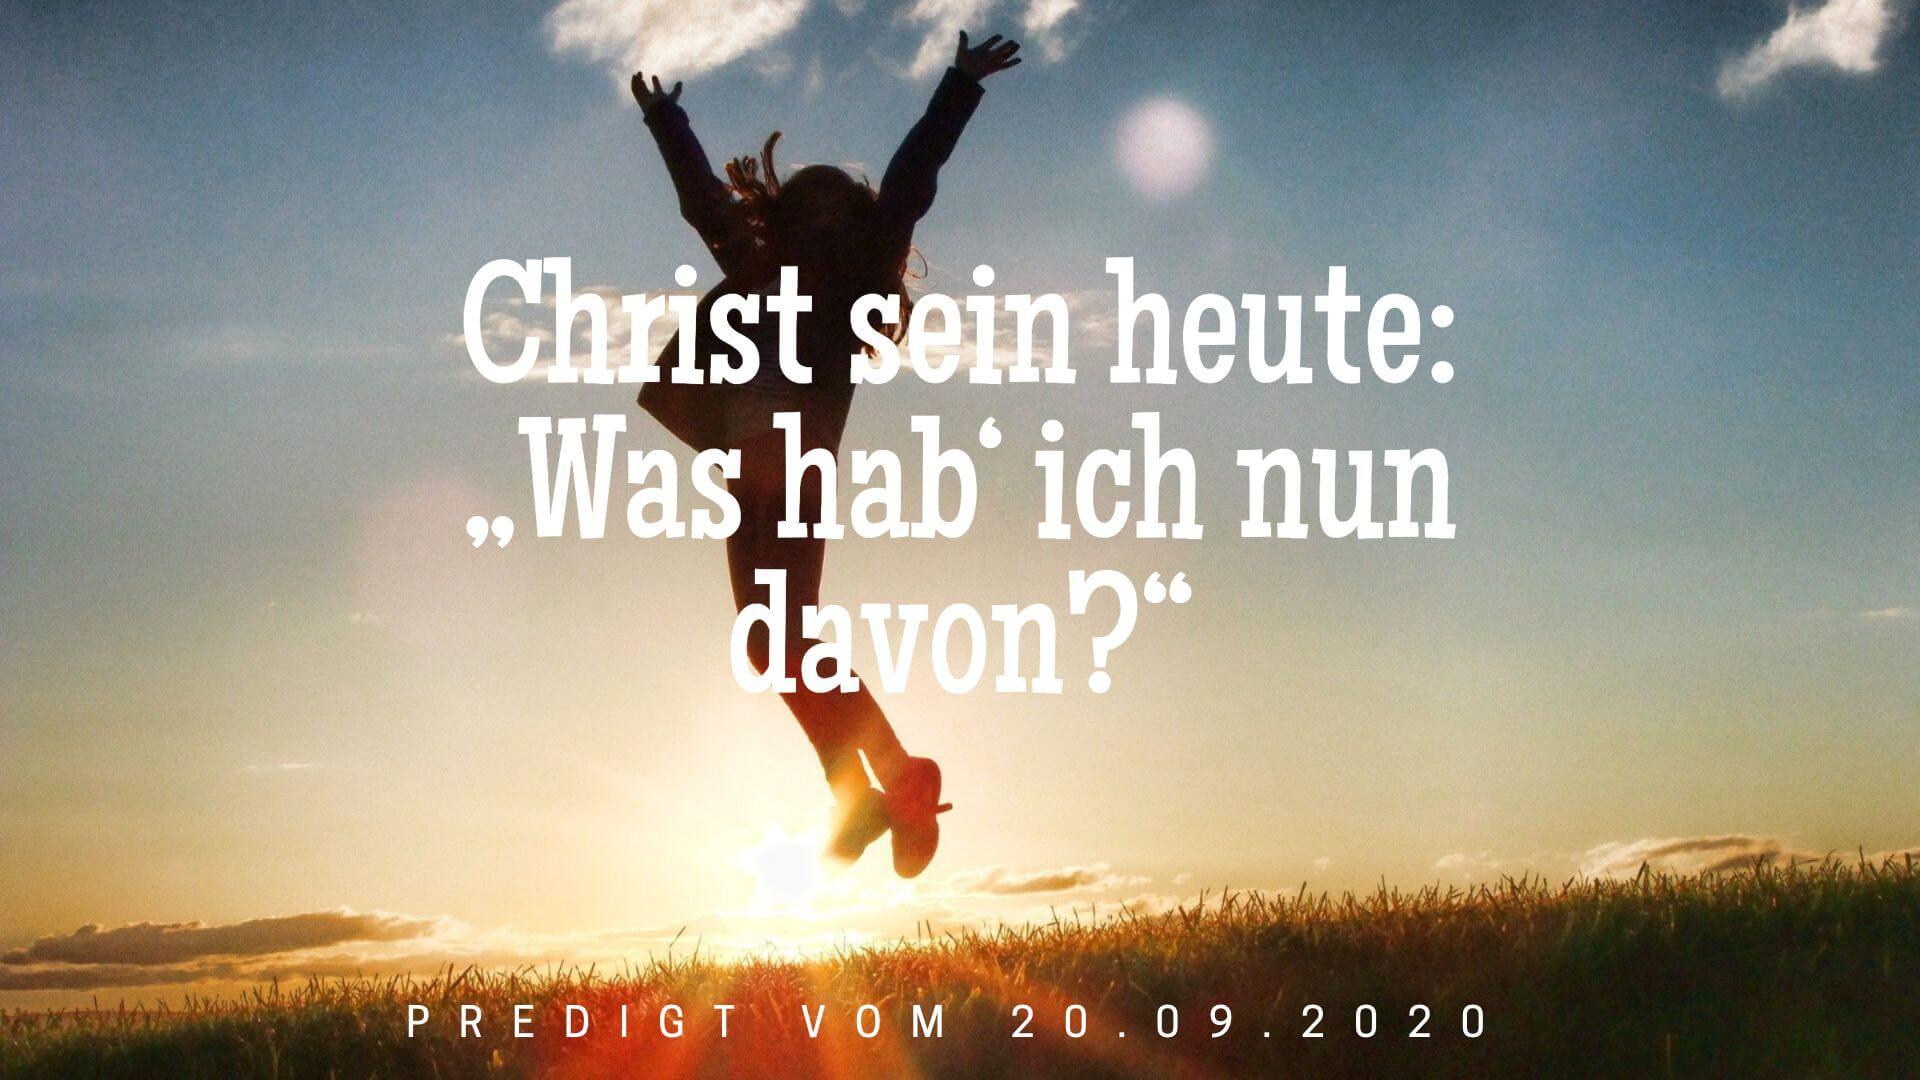 """Christ sein heute: """"Was hab' ich nun davon?"""". Predigt vom 20.09.2020"""